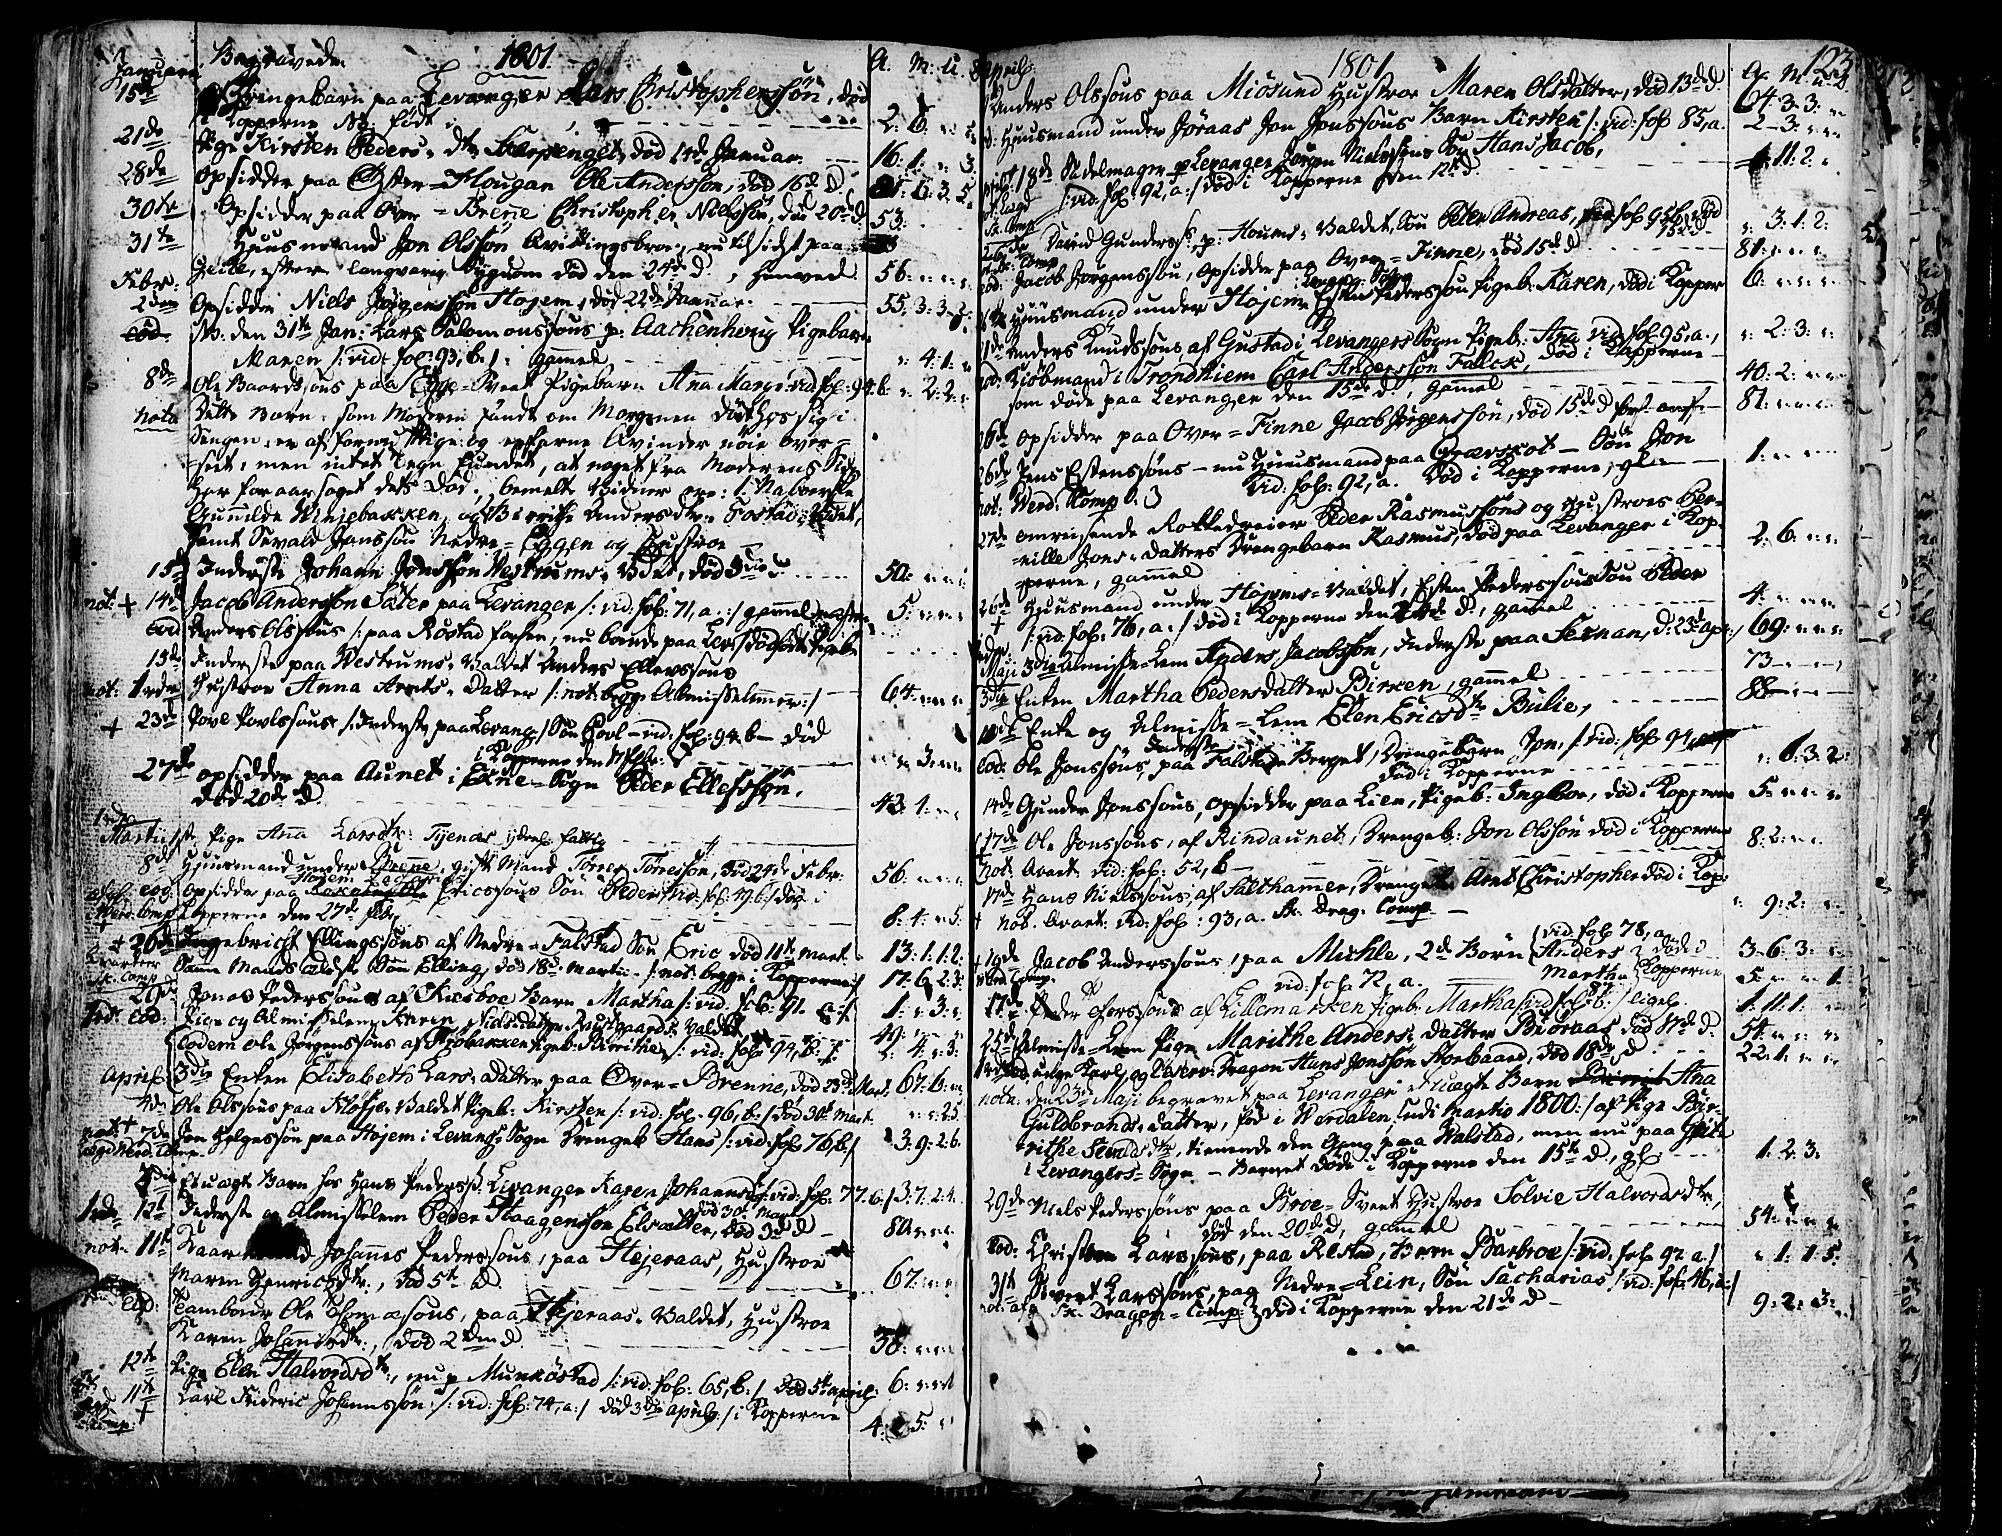 SAT, Ministerialprotokoller, klokkerbøker og fødselsregistre - Nord-Trøndelag, 717/L0142: Ministerialbok nr. 717A02 /1, 1783-1809, s. 123